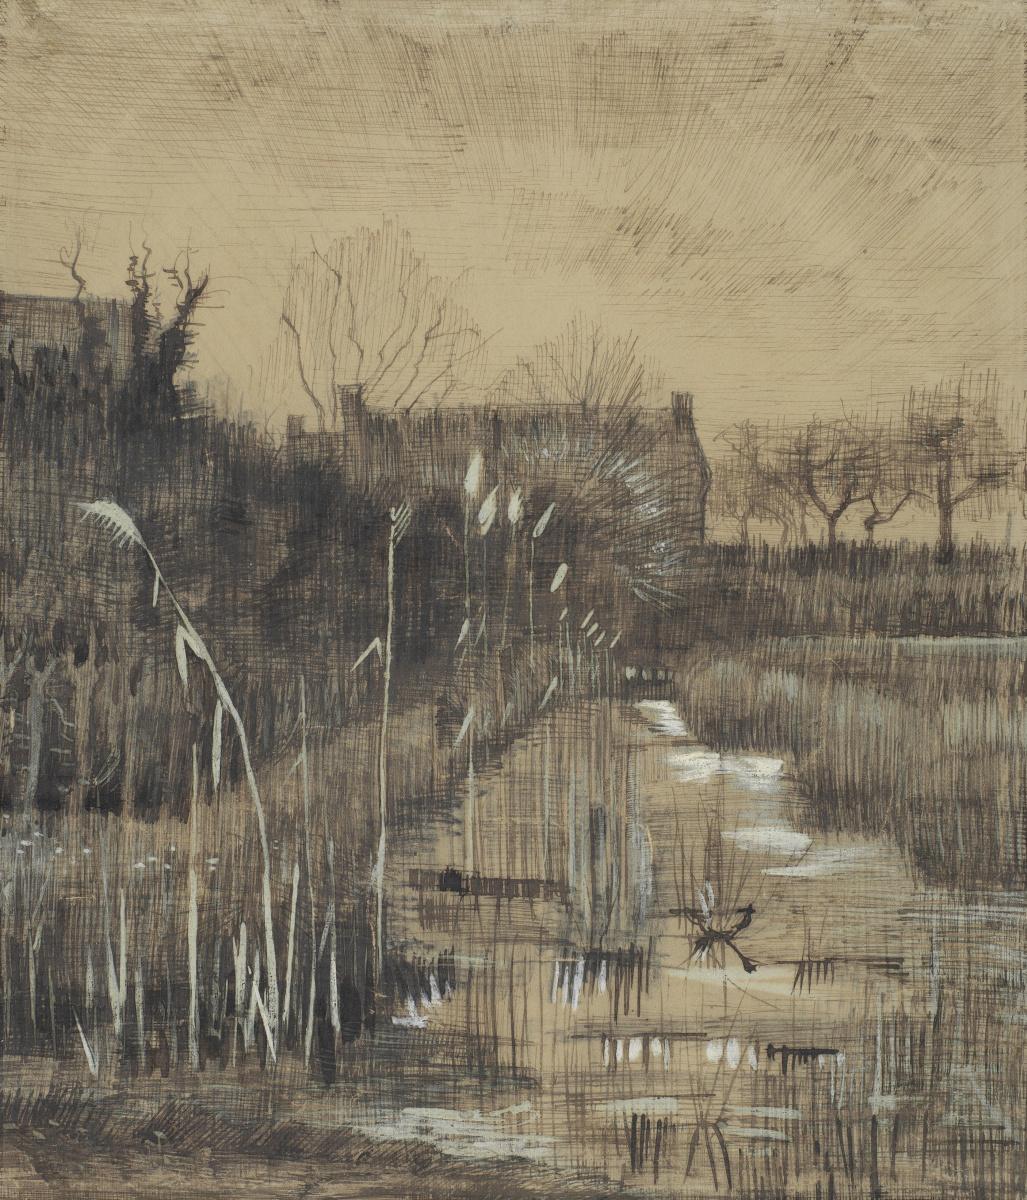 Vincent van Gogh. Ditch